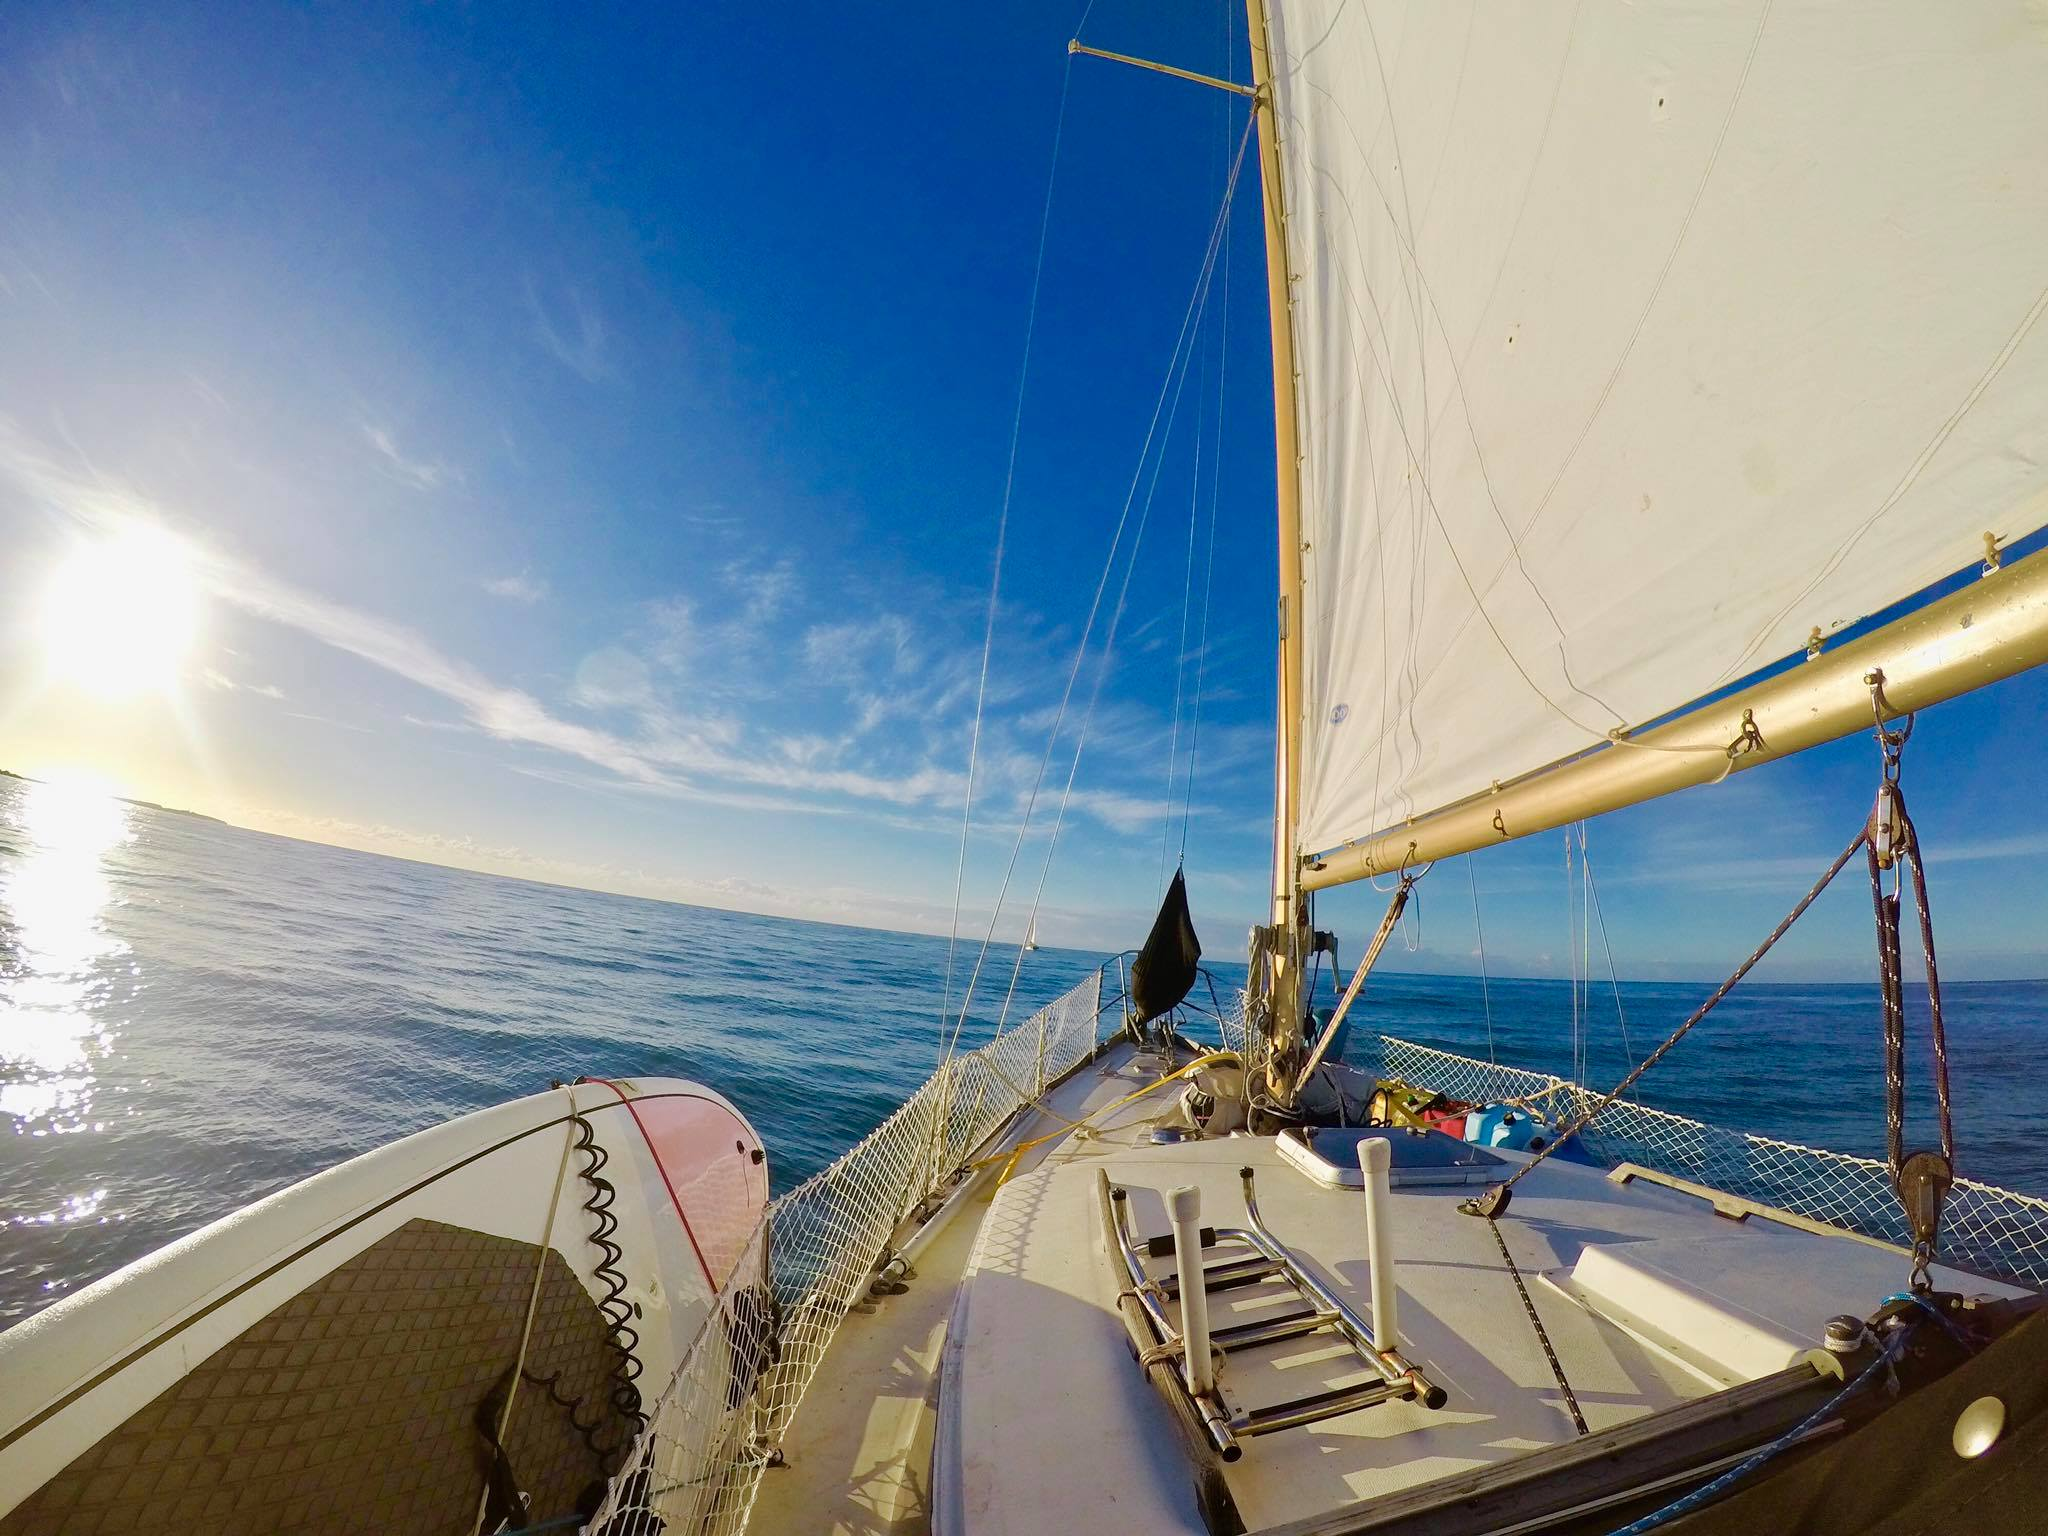 Sailing Life Day 320 Incredible Day Sailing11.jpg